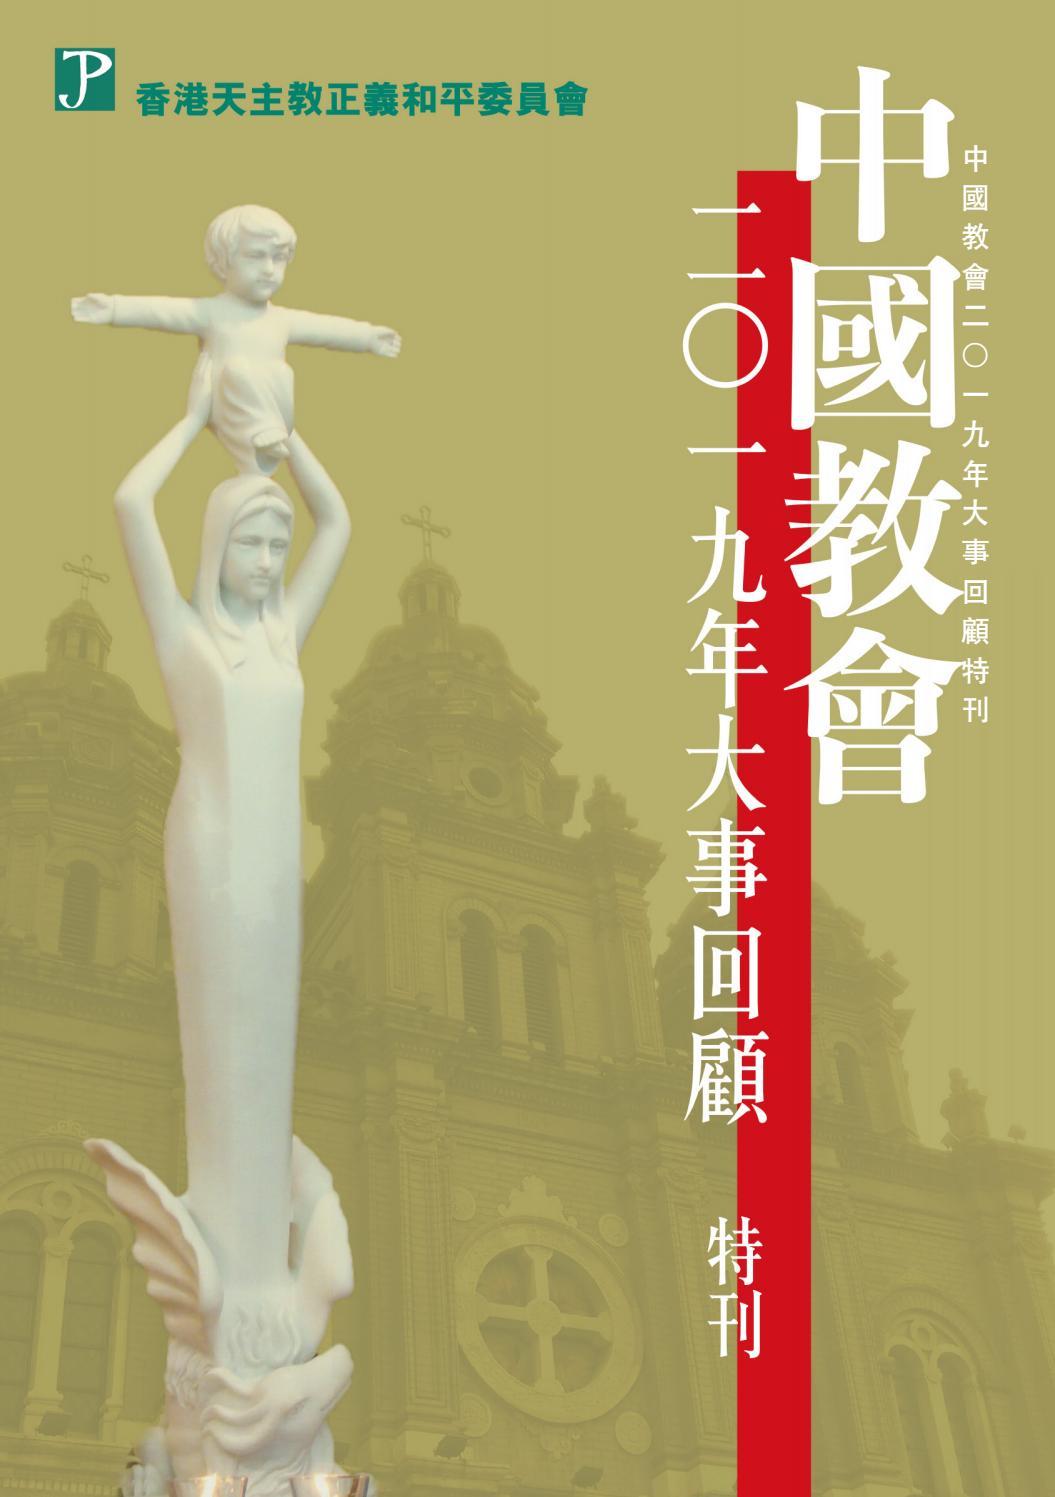 《中國教會2019年大事回顧》特刊 by hkjp0923 - Issuu